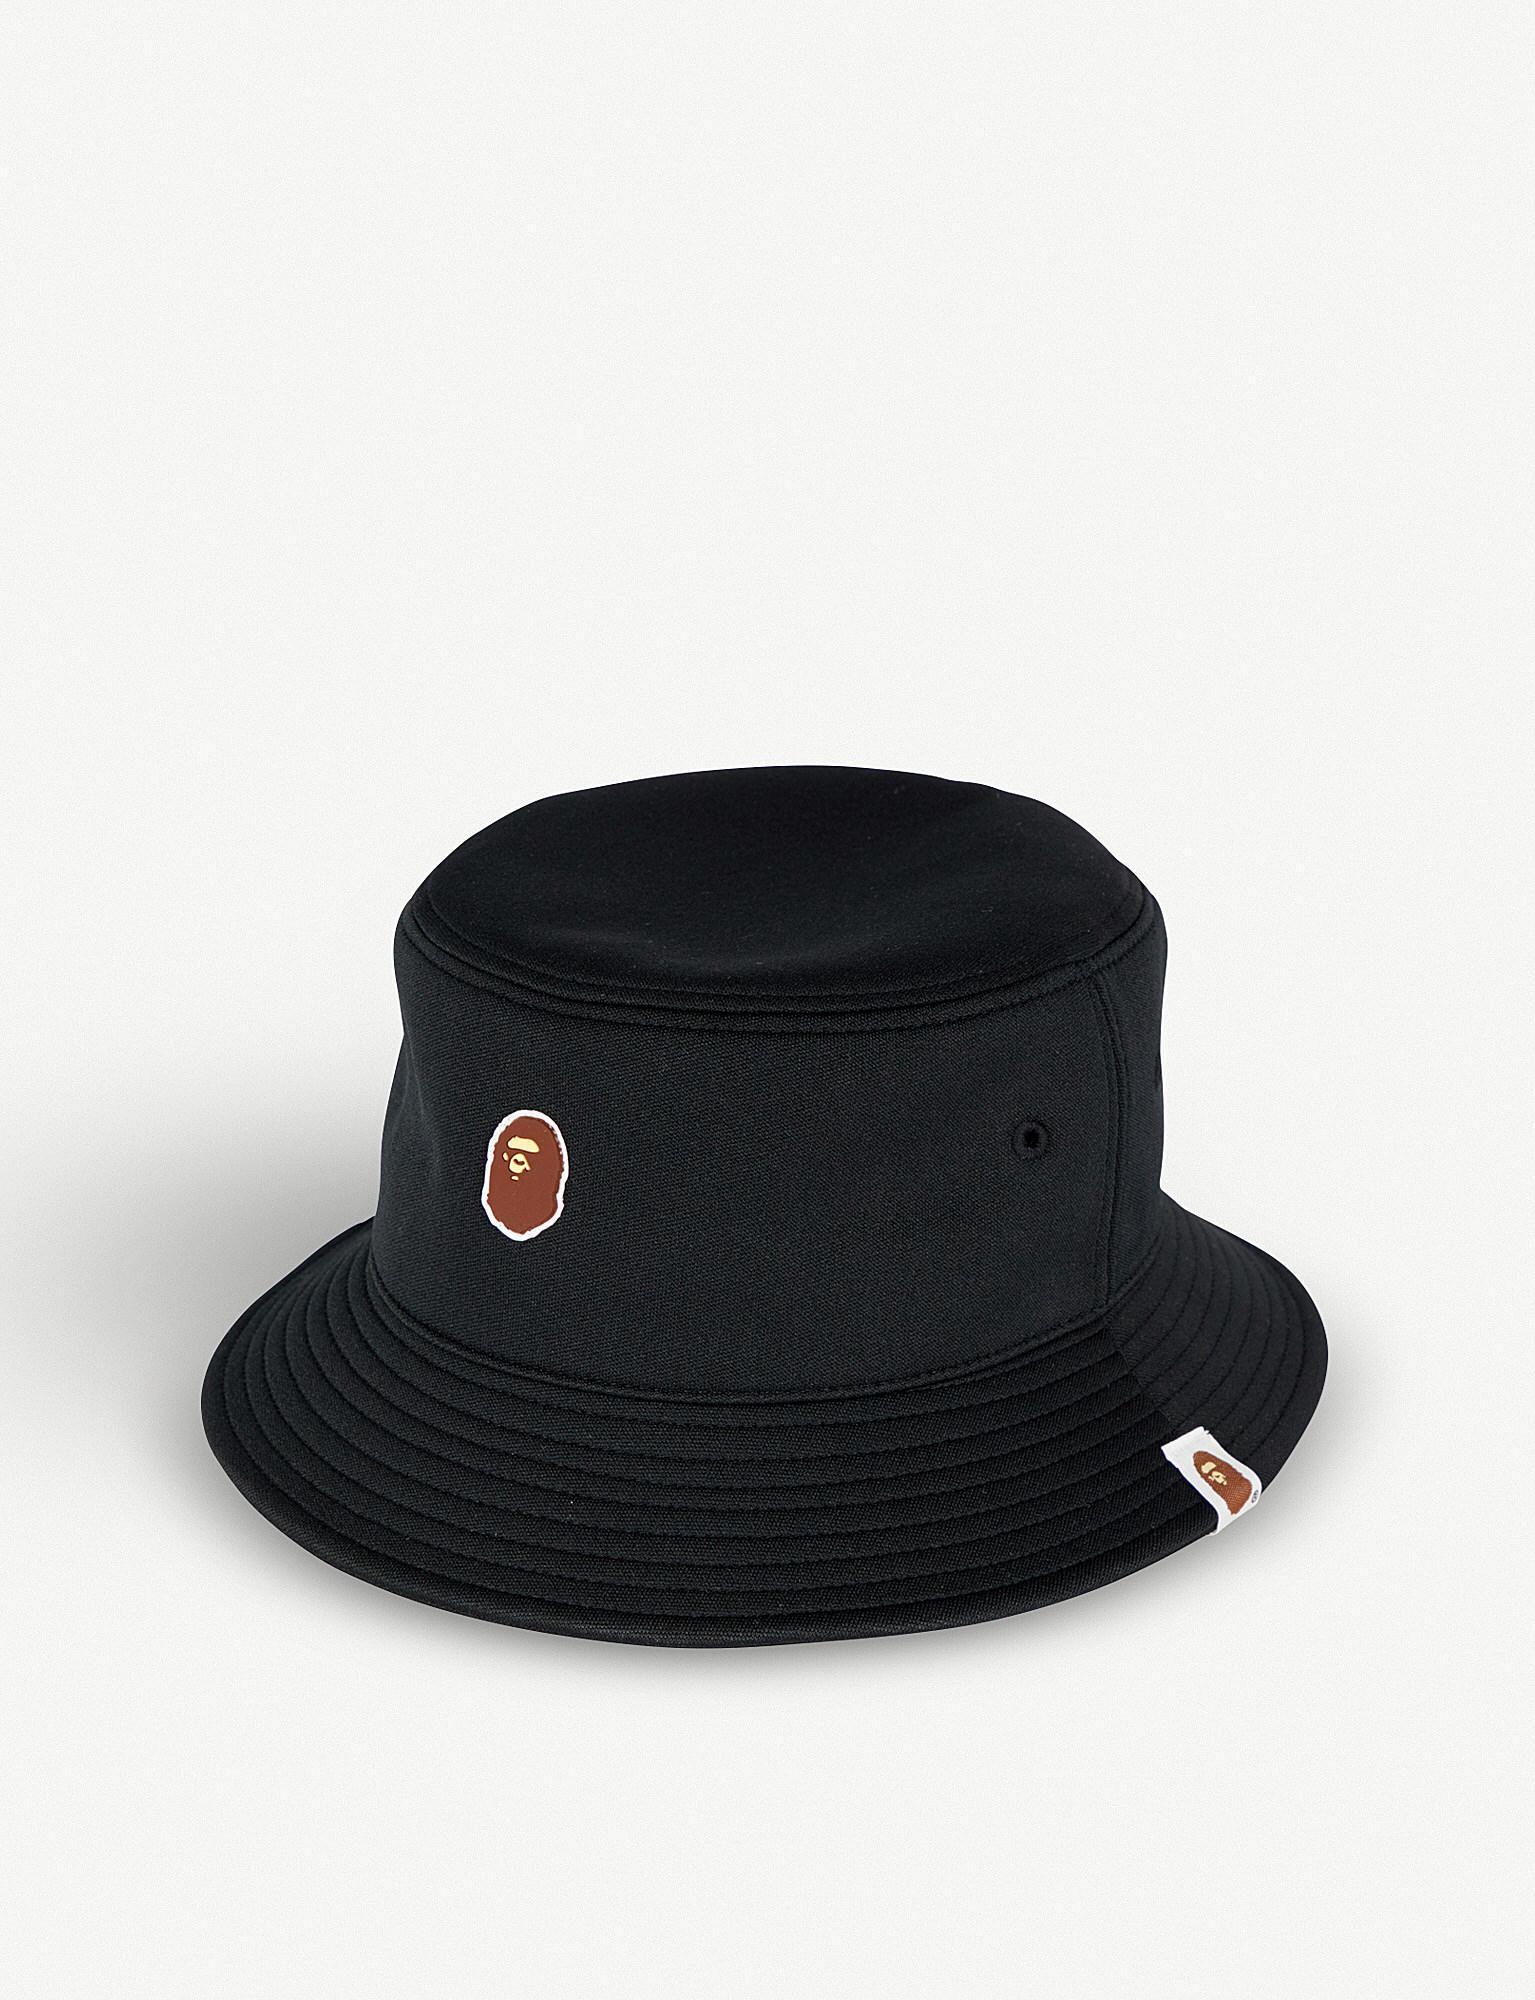 6971dcbcc66 Lyst - A Bathing Ape Ape Head-logo Bucket Hat in Black for Men